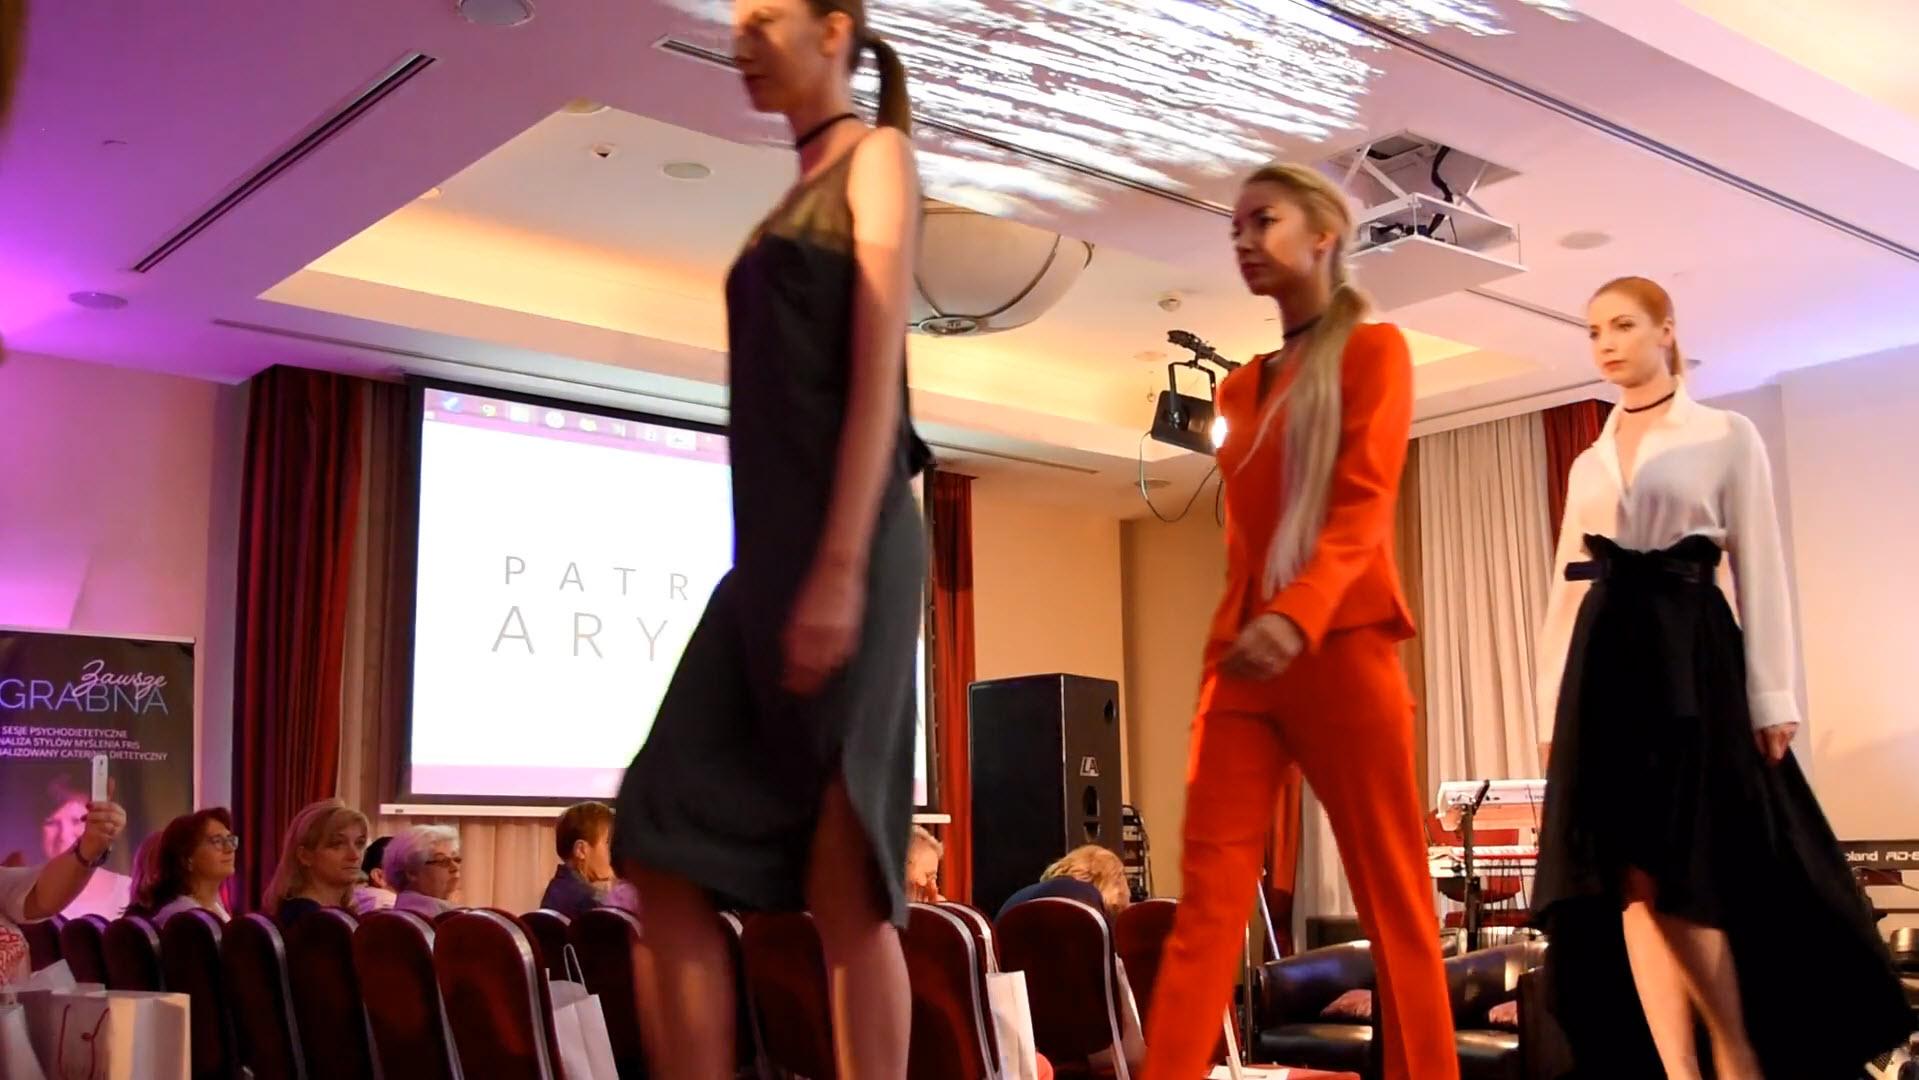 Pokaz mody Patrizia Aryton podczas 15. spotkania Klubu Miasta Kobiet